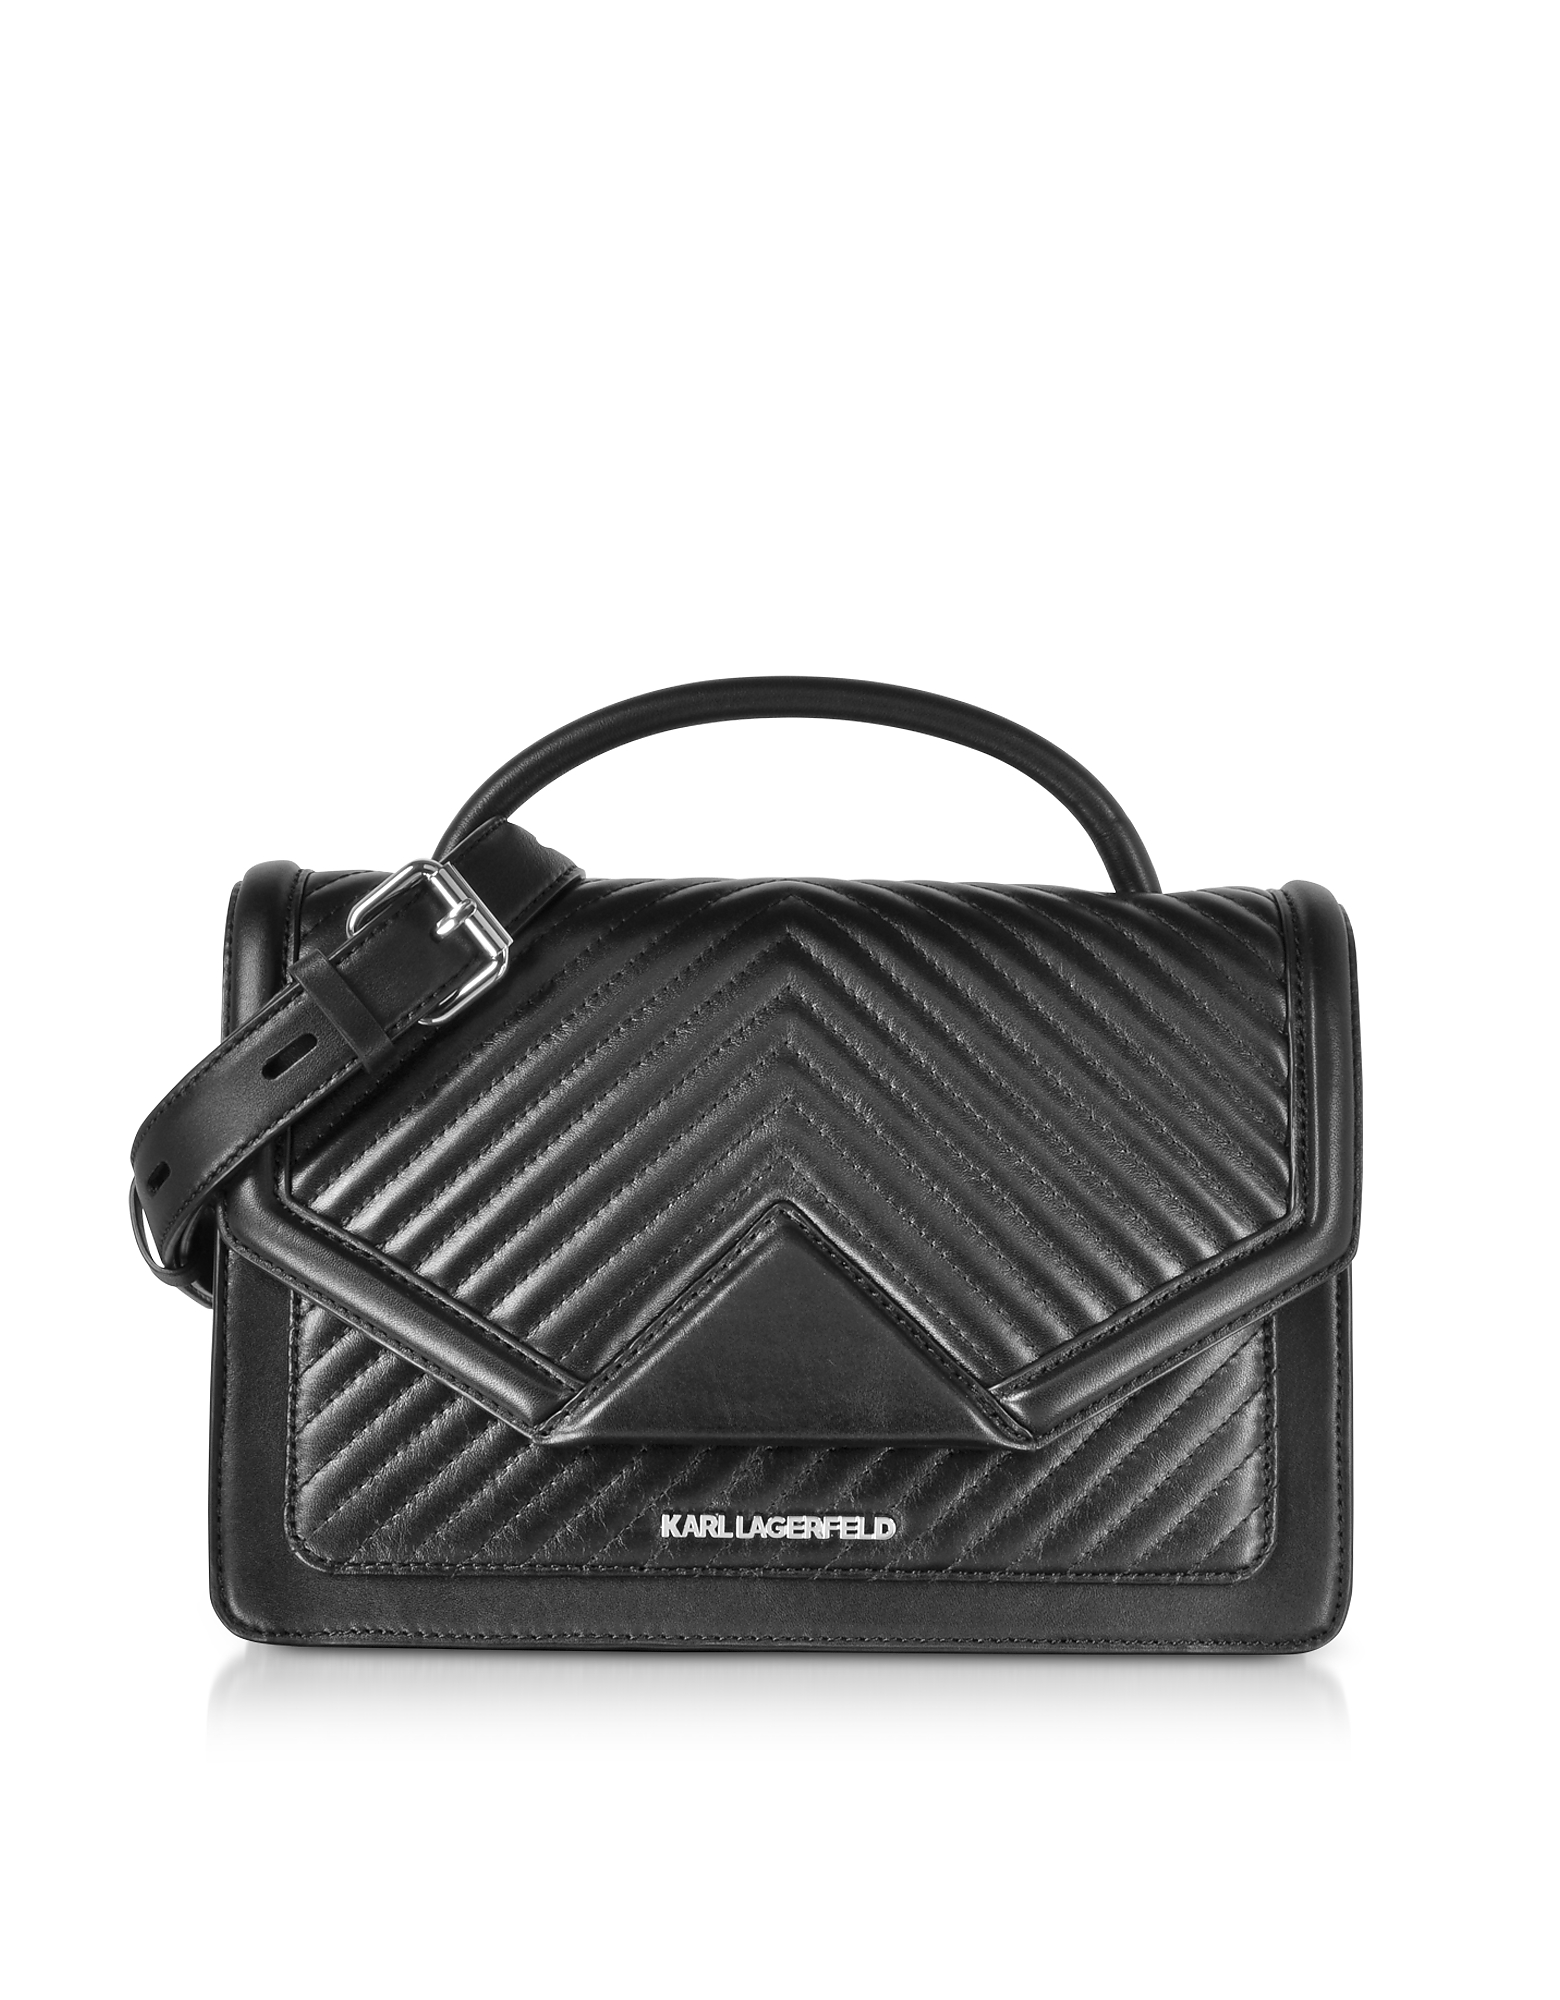 K/Klassic Quilted Leather Shoulder Bag